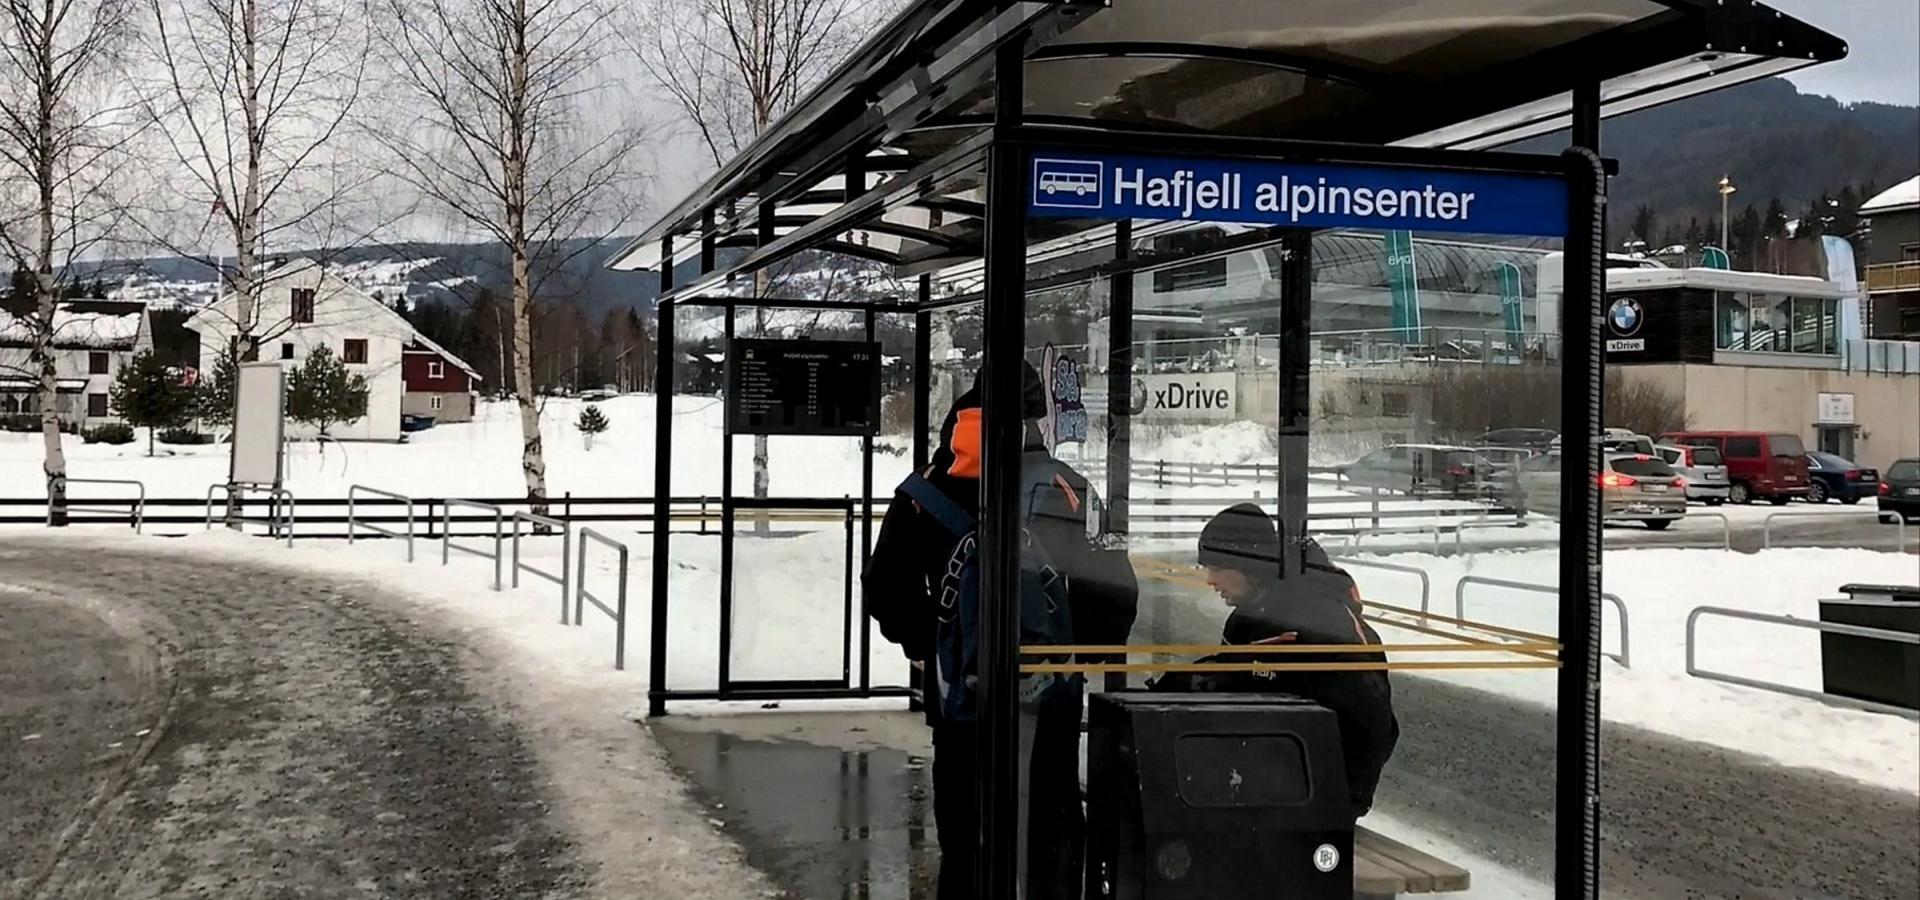 buss lillehammer hafjell